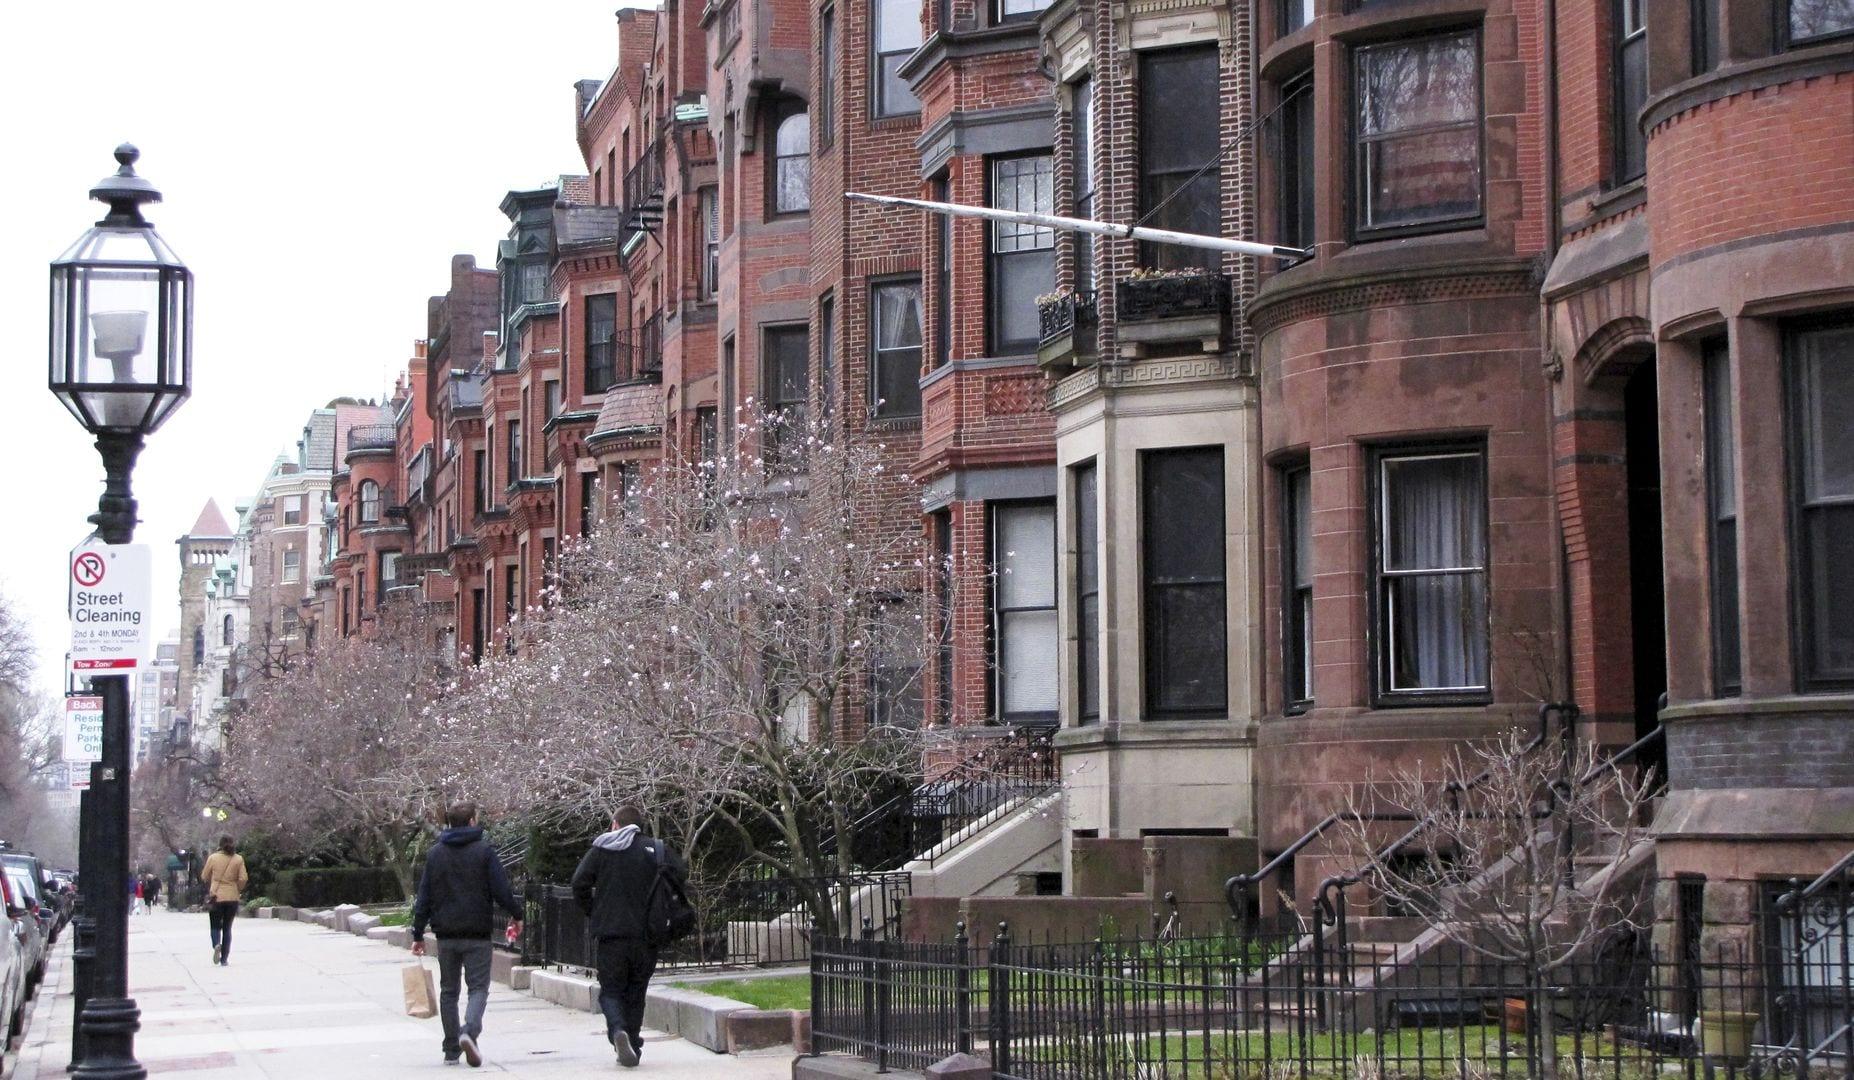 Favoritos Guia de Boston: dicas para aproveitar o melhor da cidade - Sundaycooks UW98